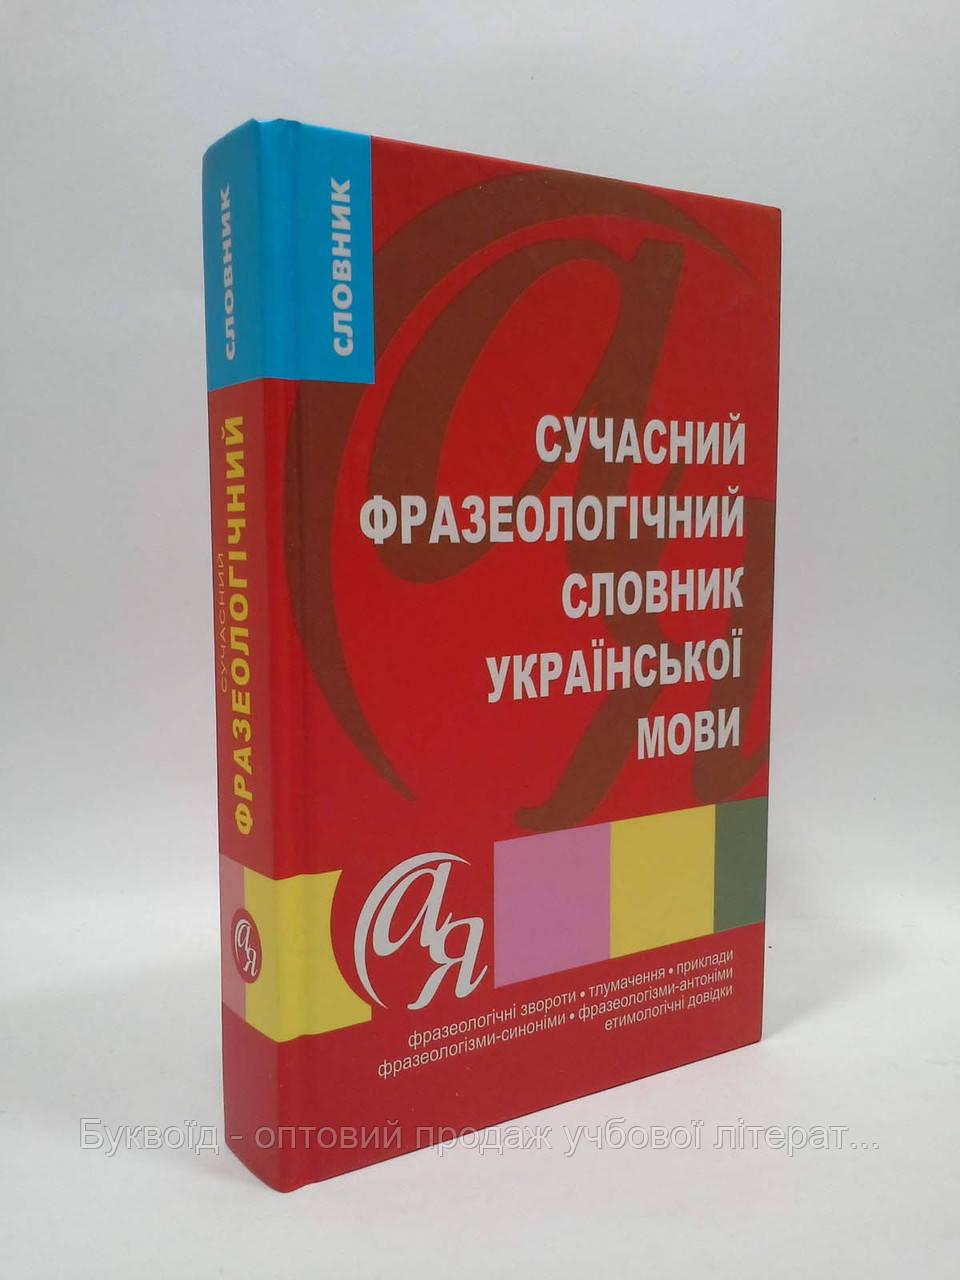 СлРс Торсінг Сучасний фразеологічний словник укр мови (150 000)